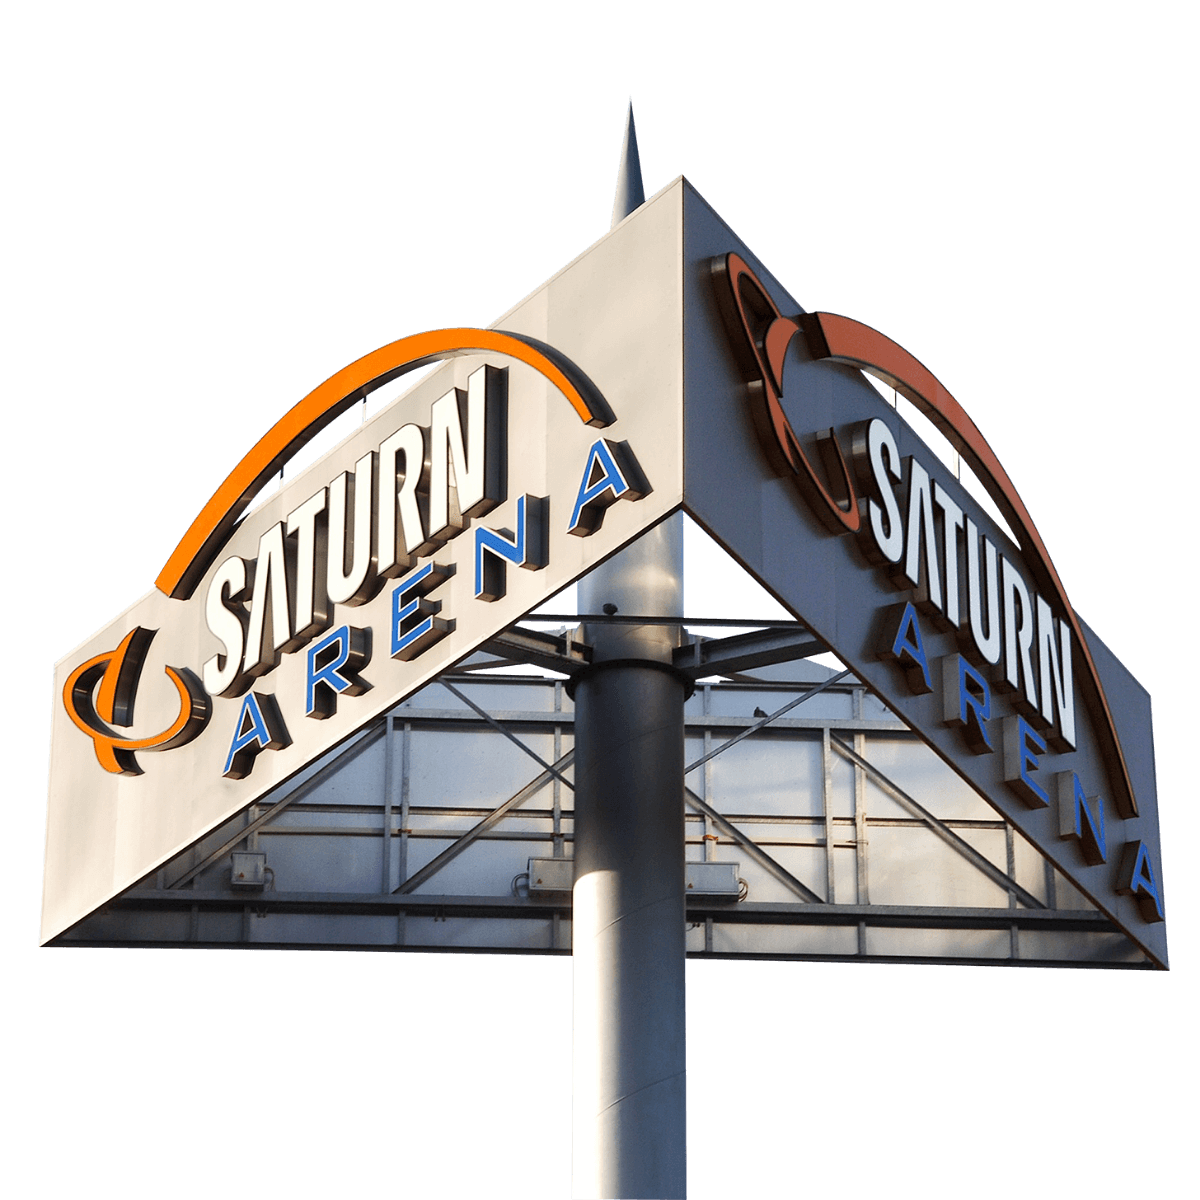 Die Saturn Arena